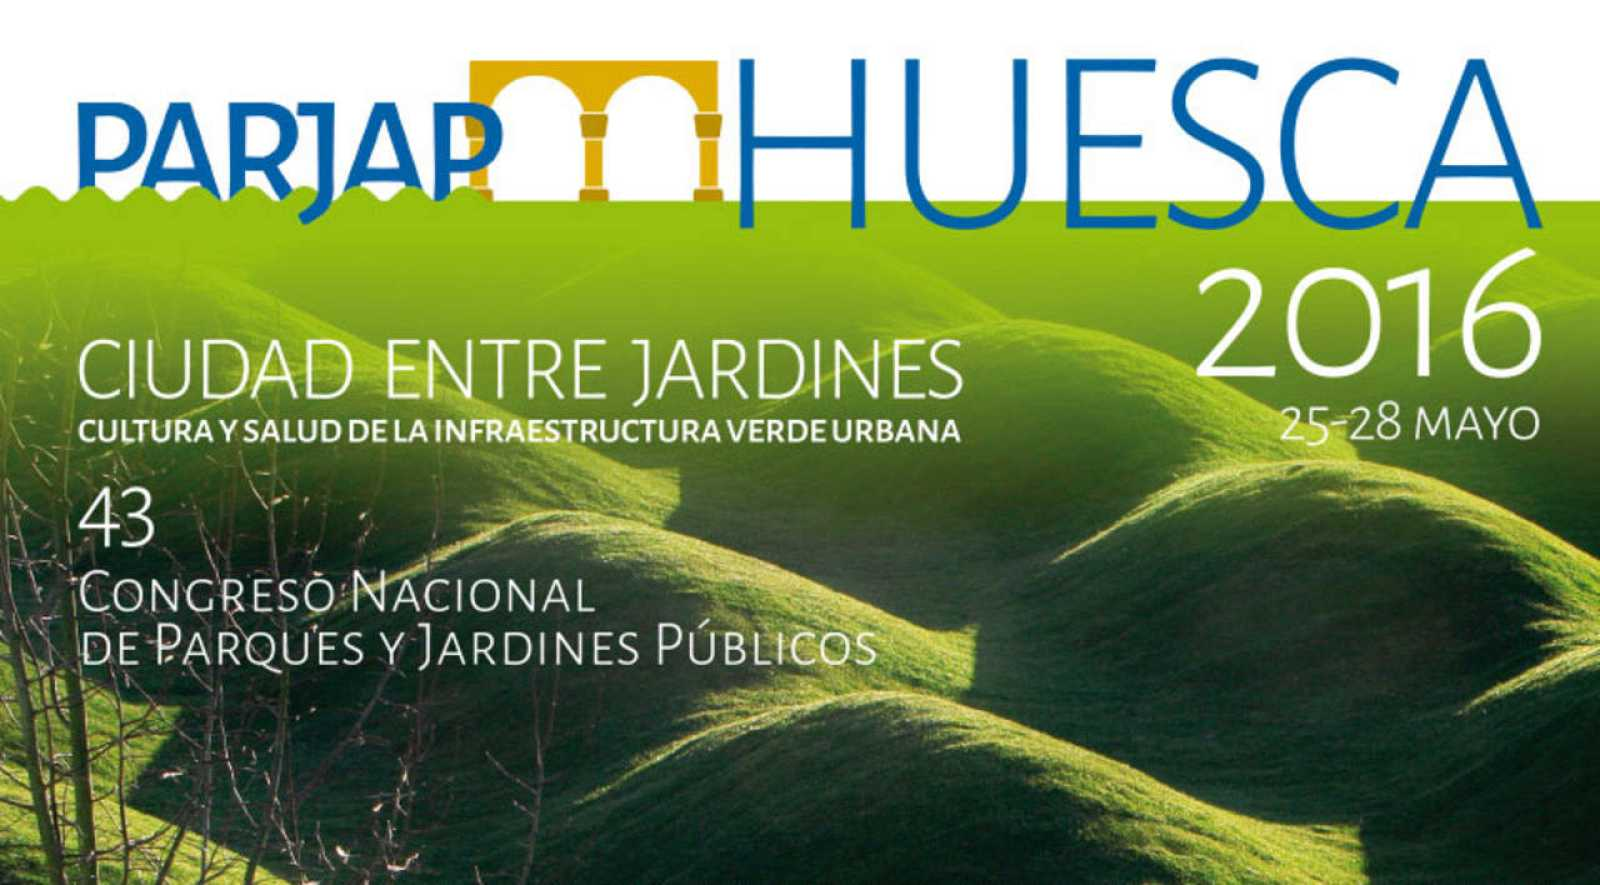 43º Congreso Nacional de Parques y Jardines Públicos, PARJAP